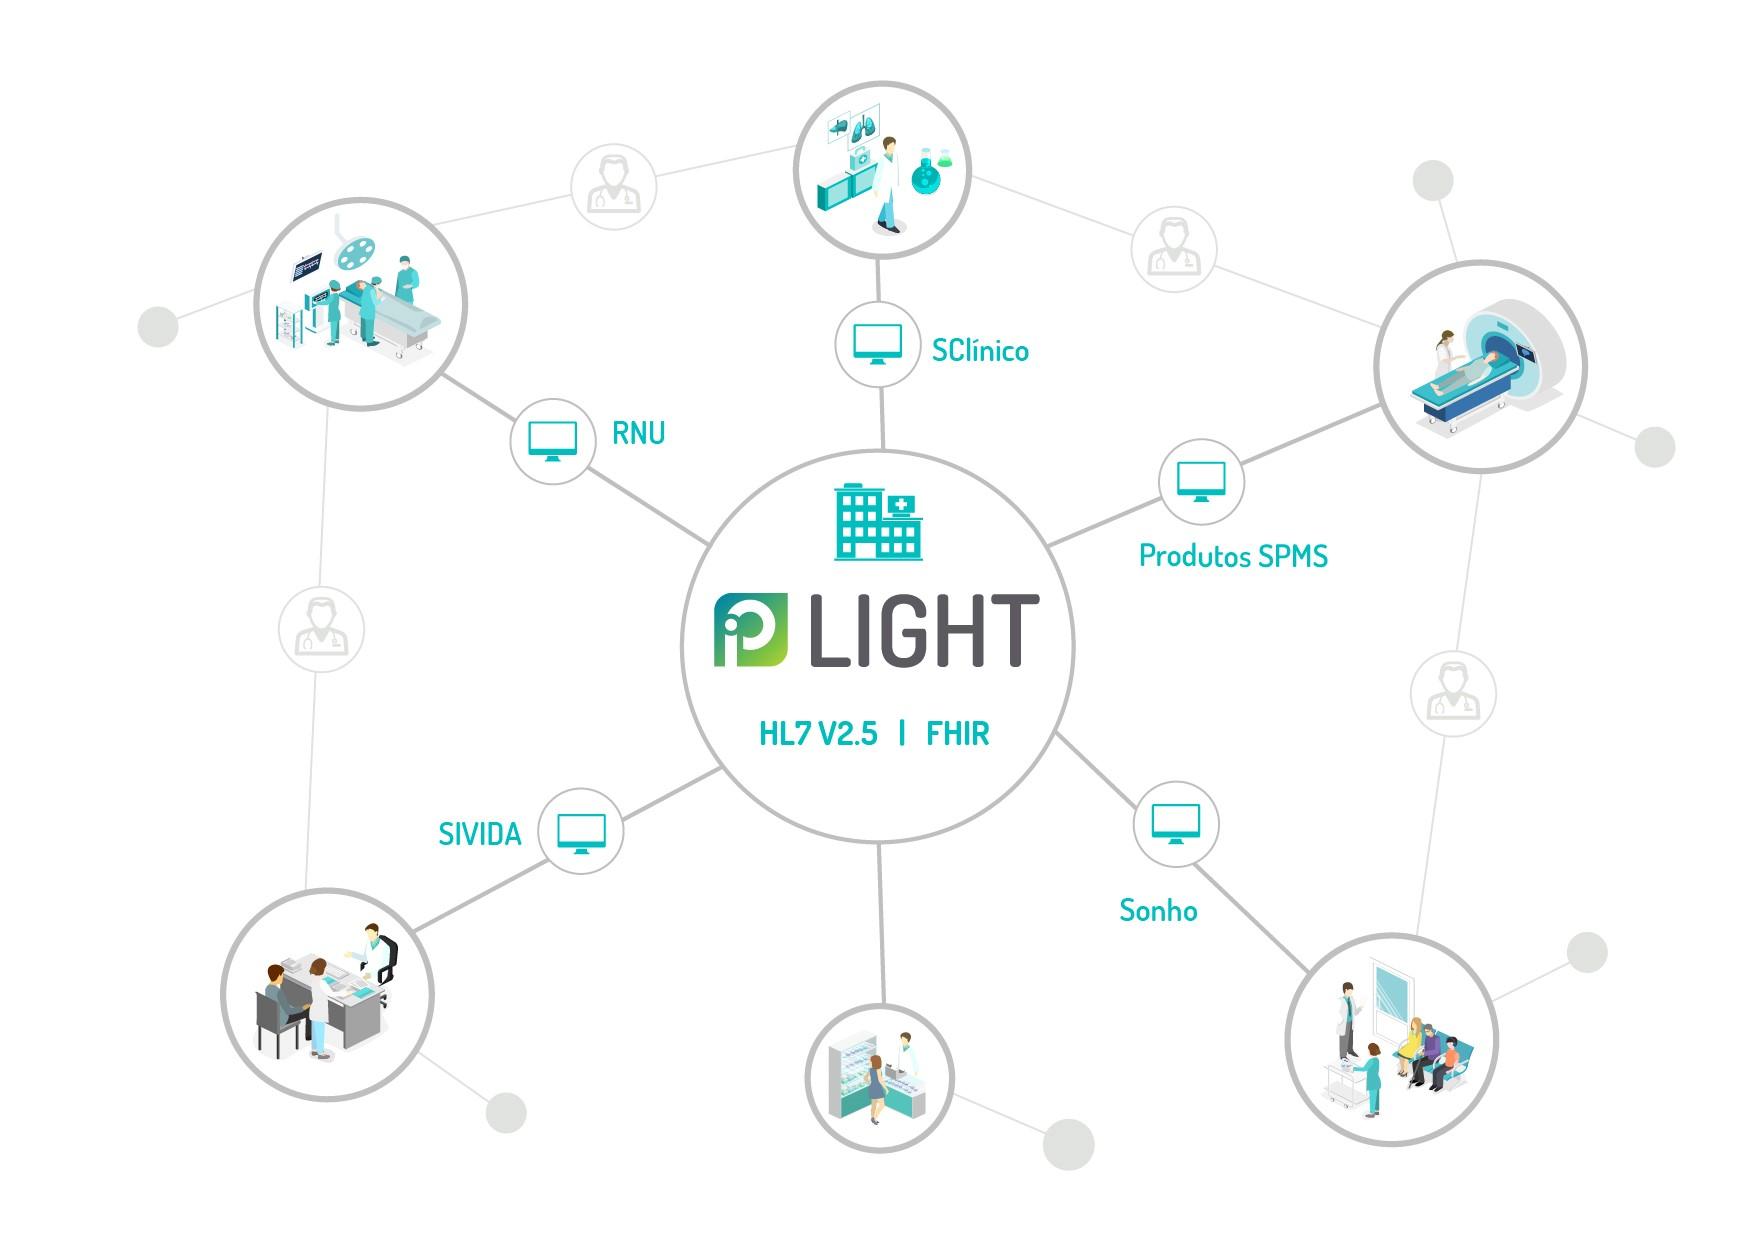 light_esquema